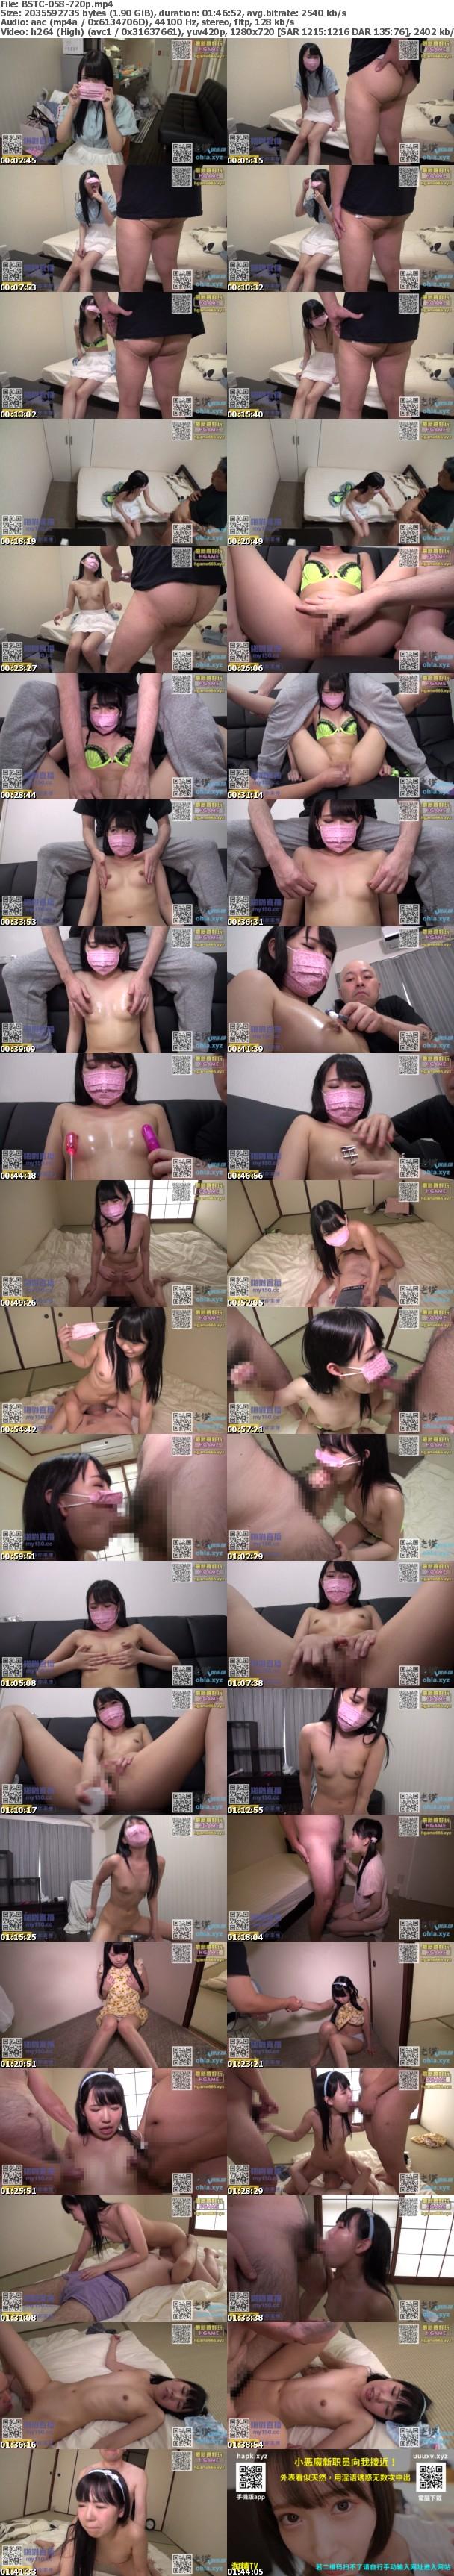 (HD) BSTC-058 つるぺた美少女の秘密のひと夏の経験 淫らな高収入バイトで中年オヤジに身体を差し出してしまう!